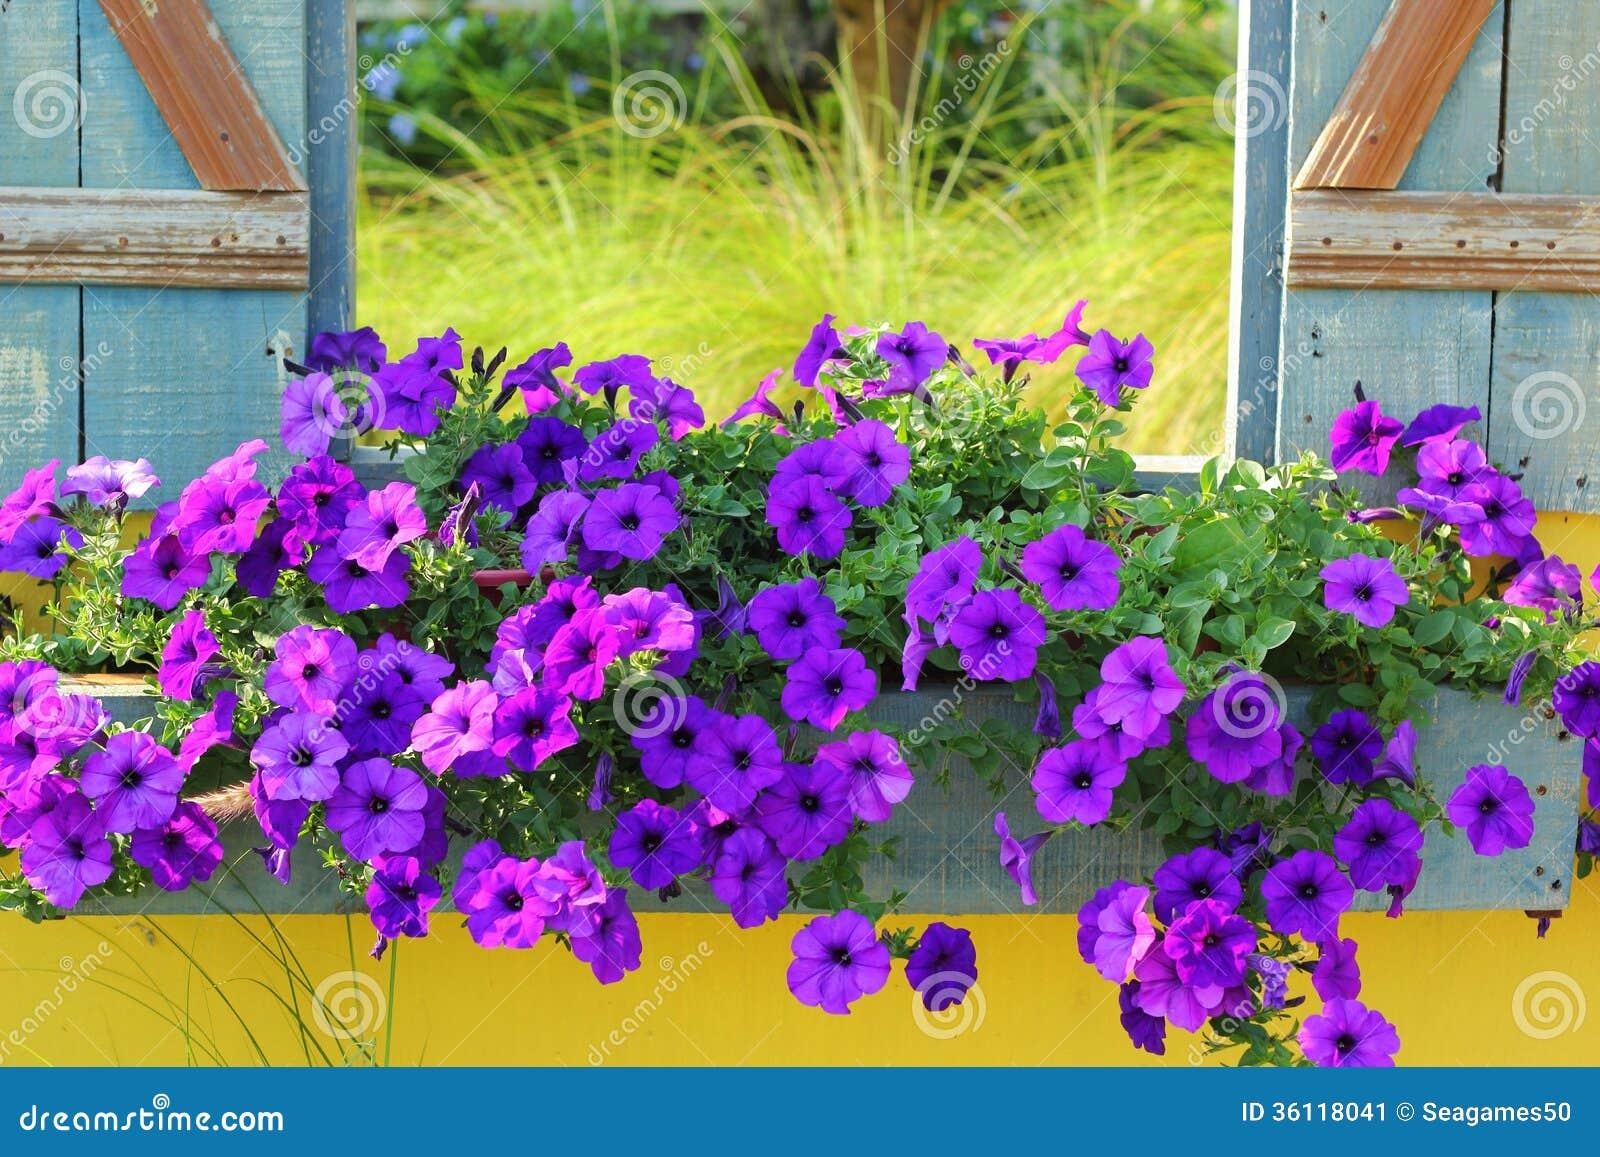 Beautiful Purple Flowers On Old Wood Vintage Window